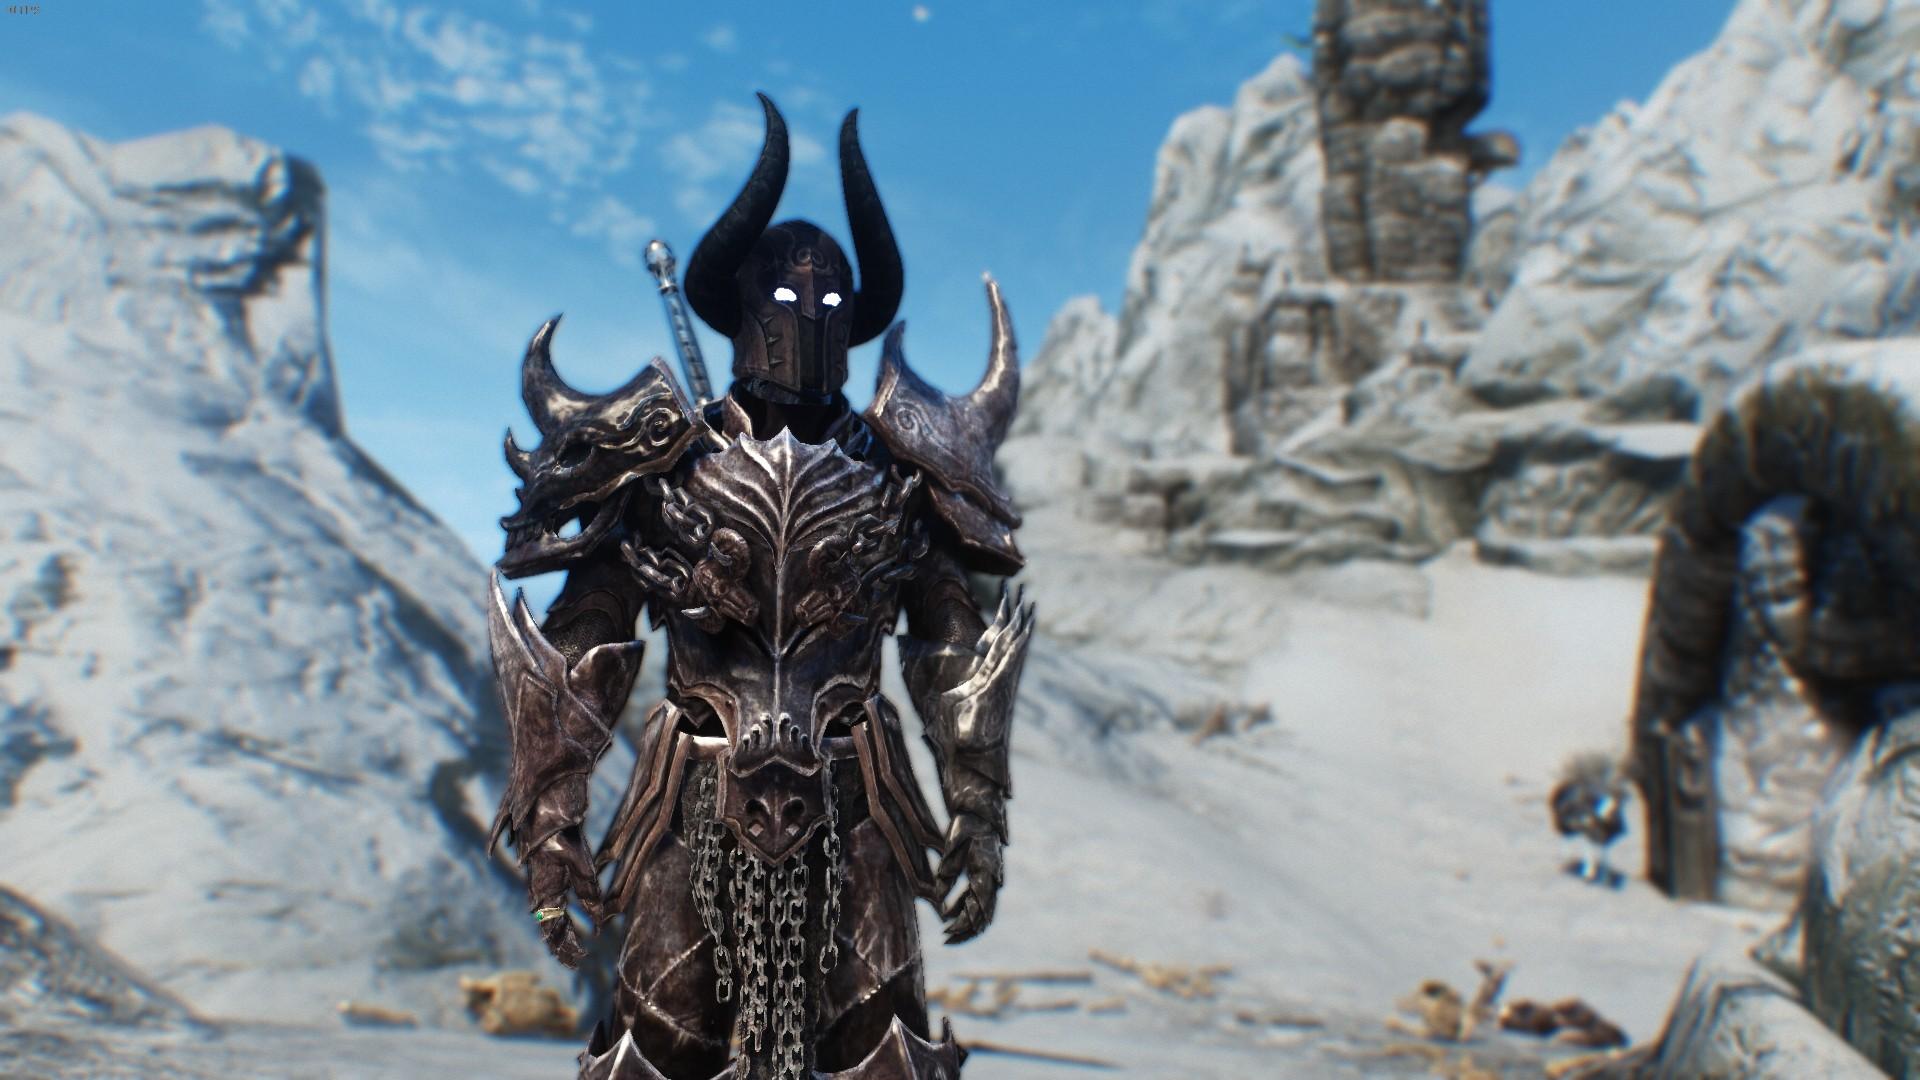 Скачать мод на скайрим на рыцаря смерти